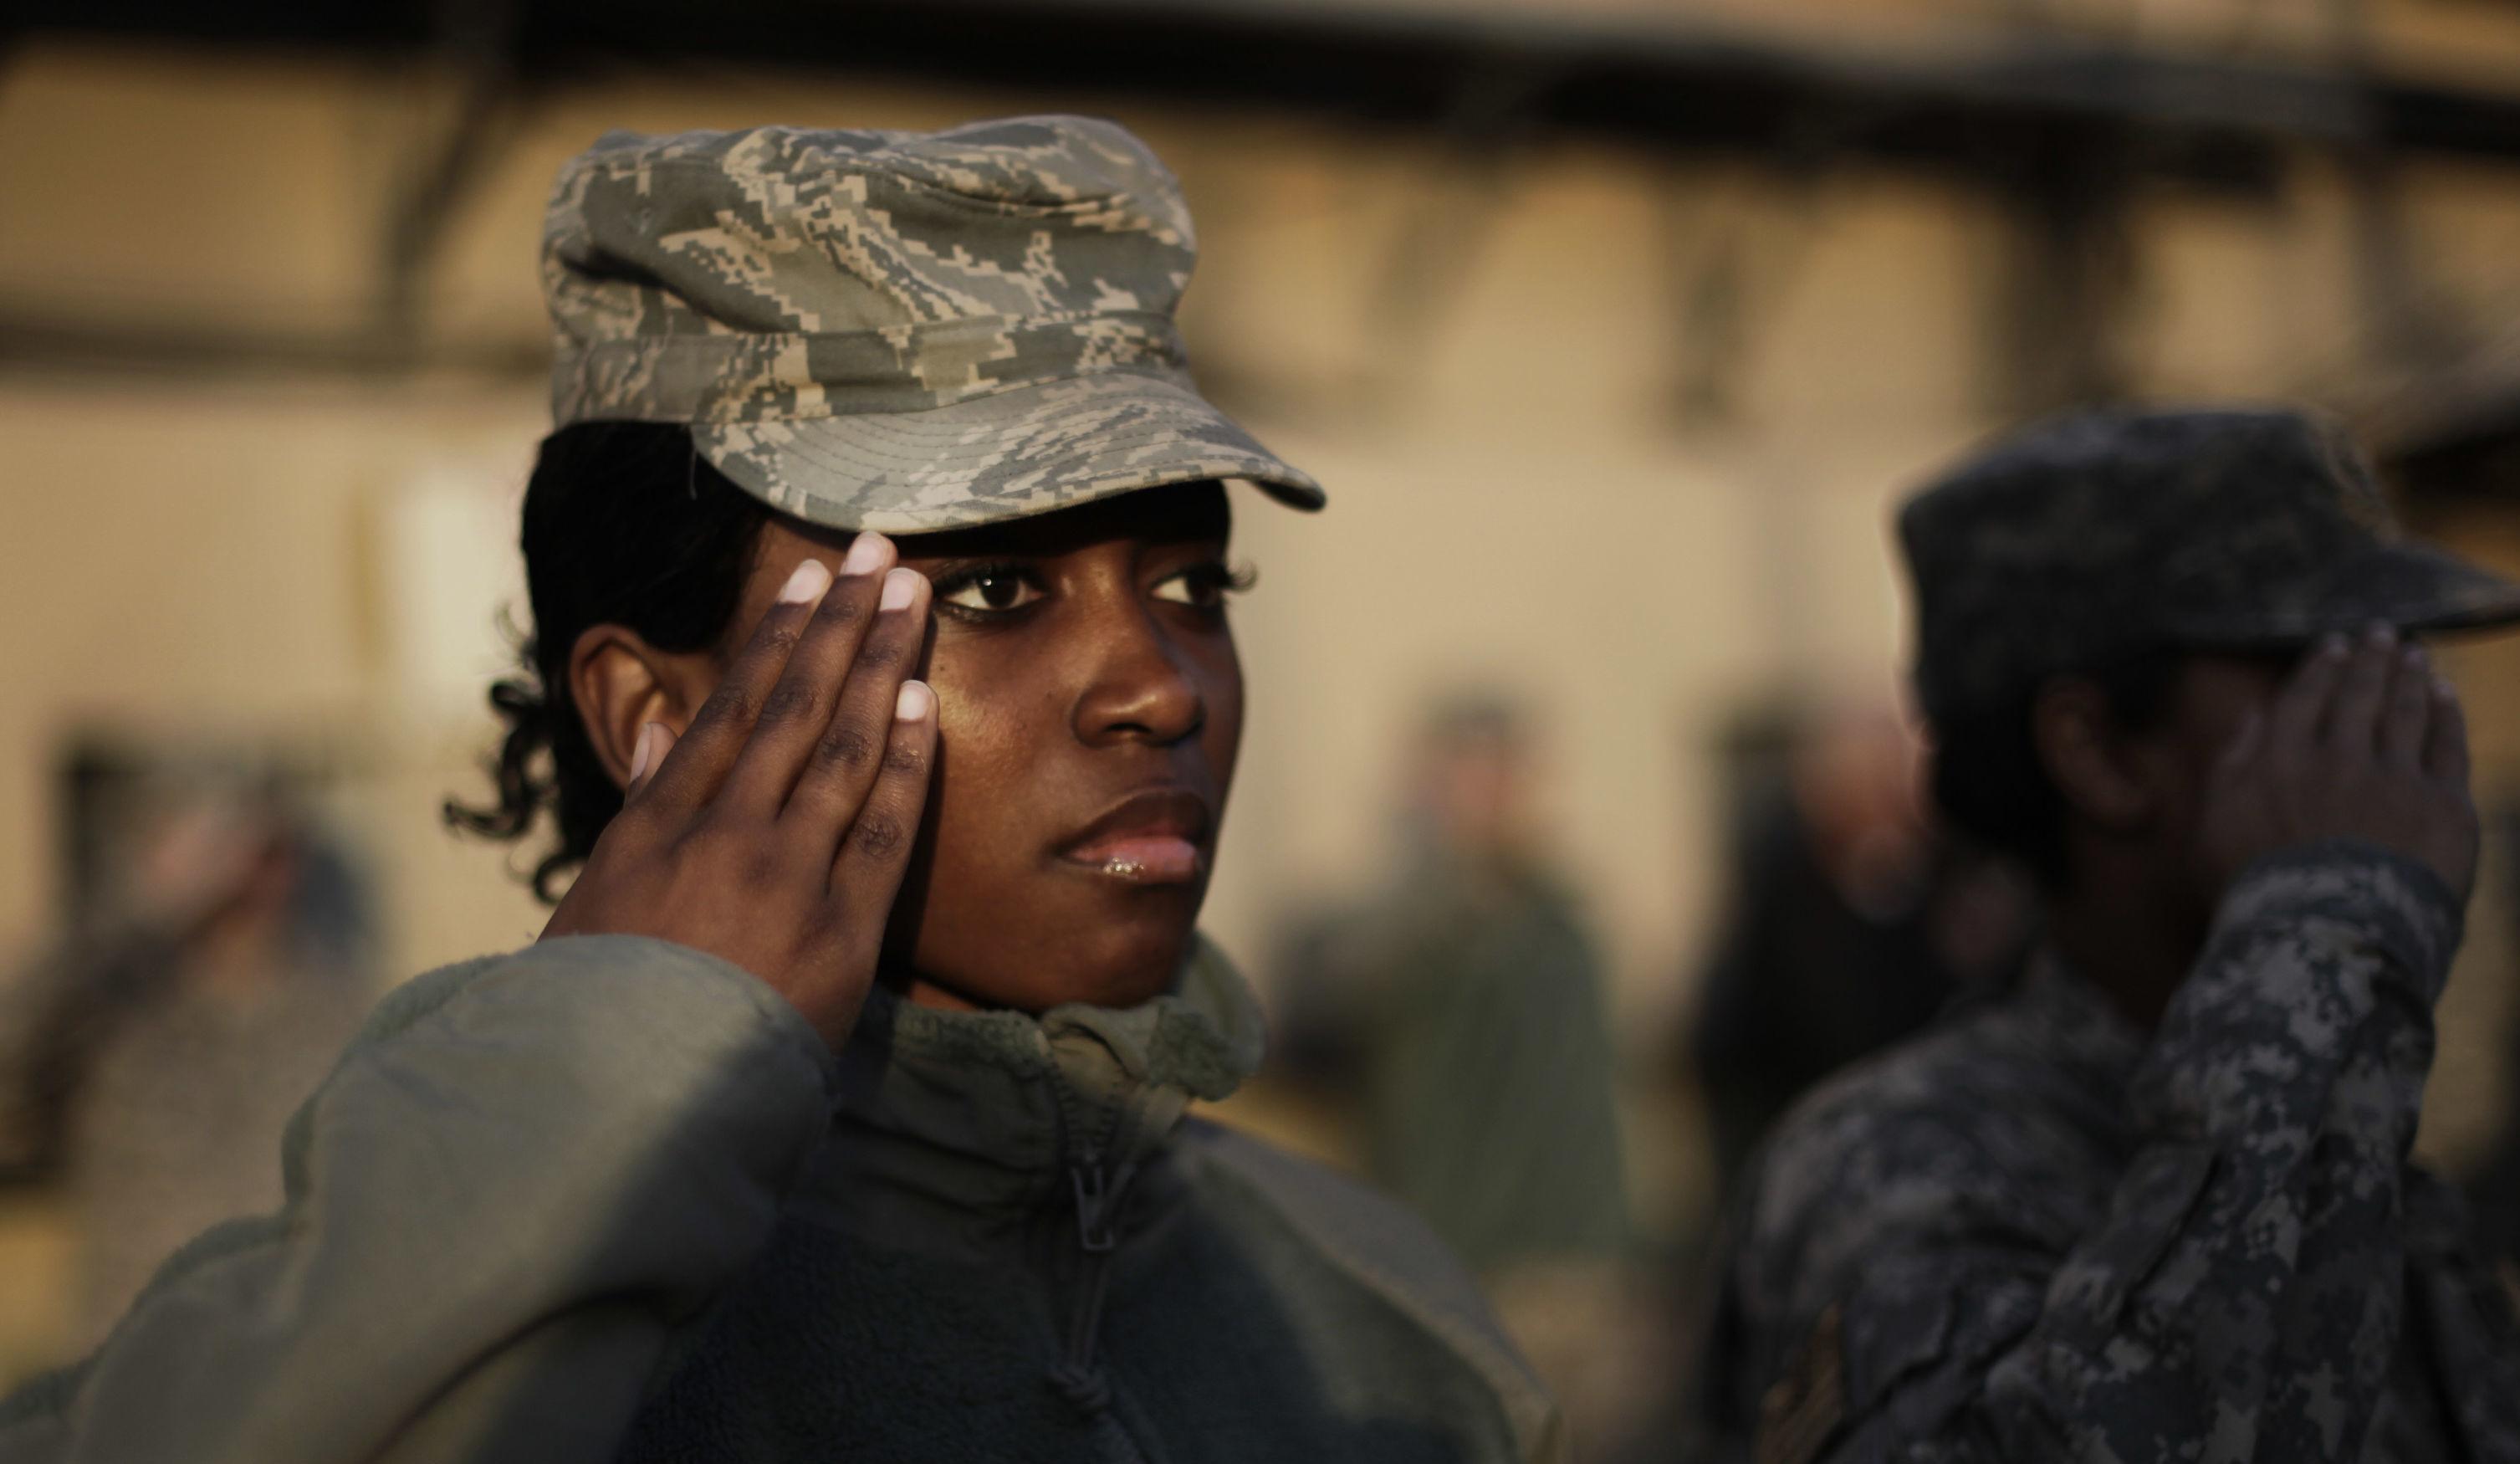 Soldada americana bate continência durante celebração do Dia dos Veteranos.